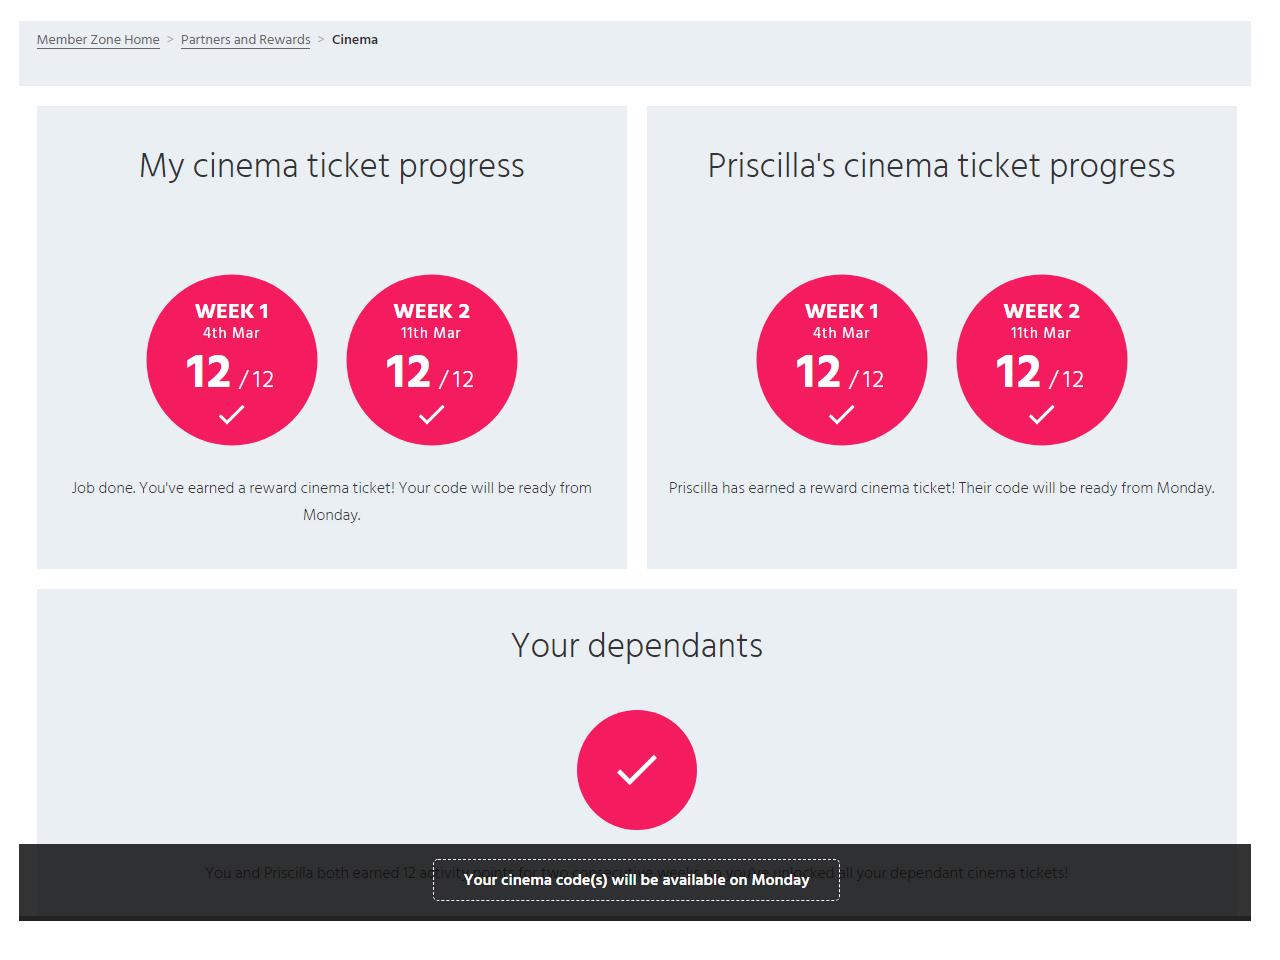 Member Zone cinema week two complete